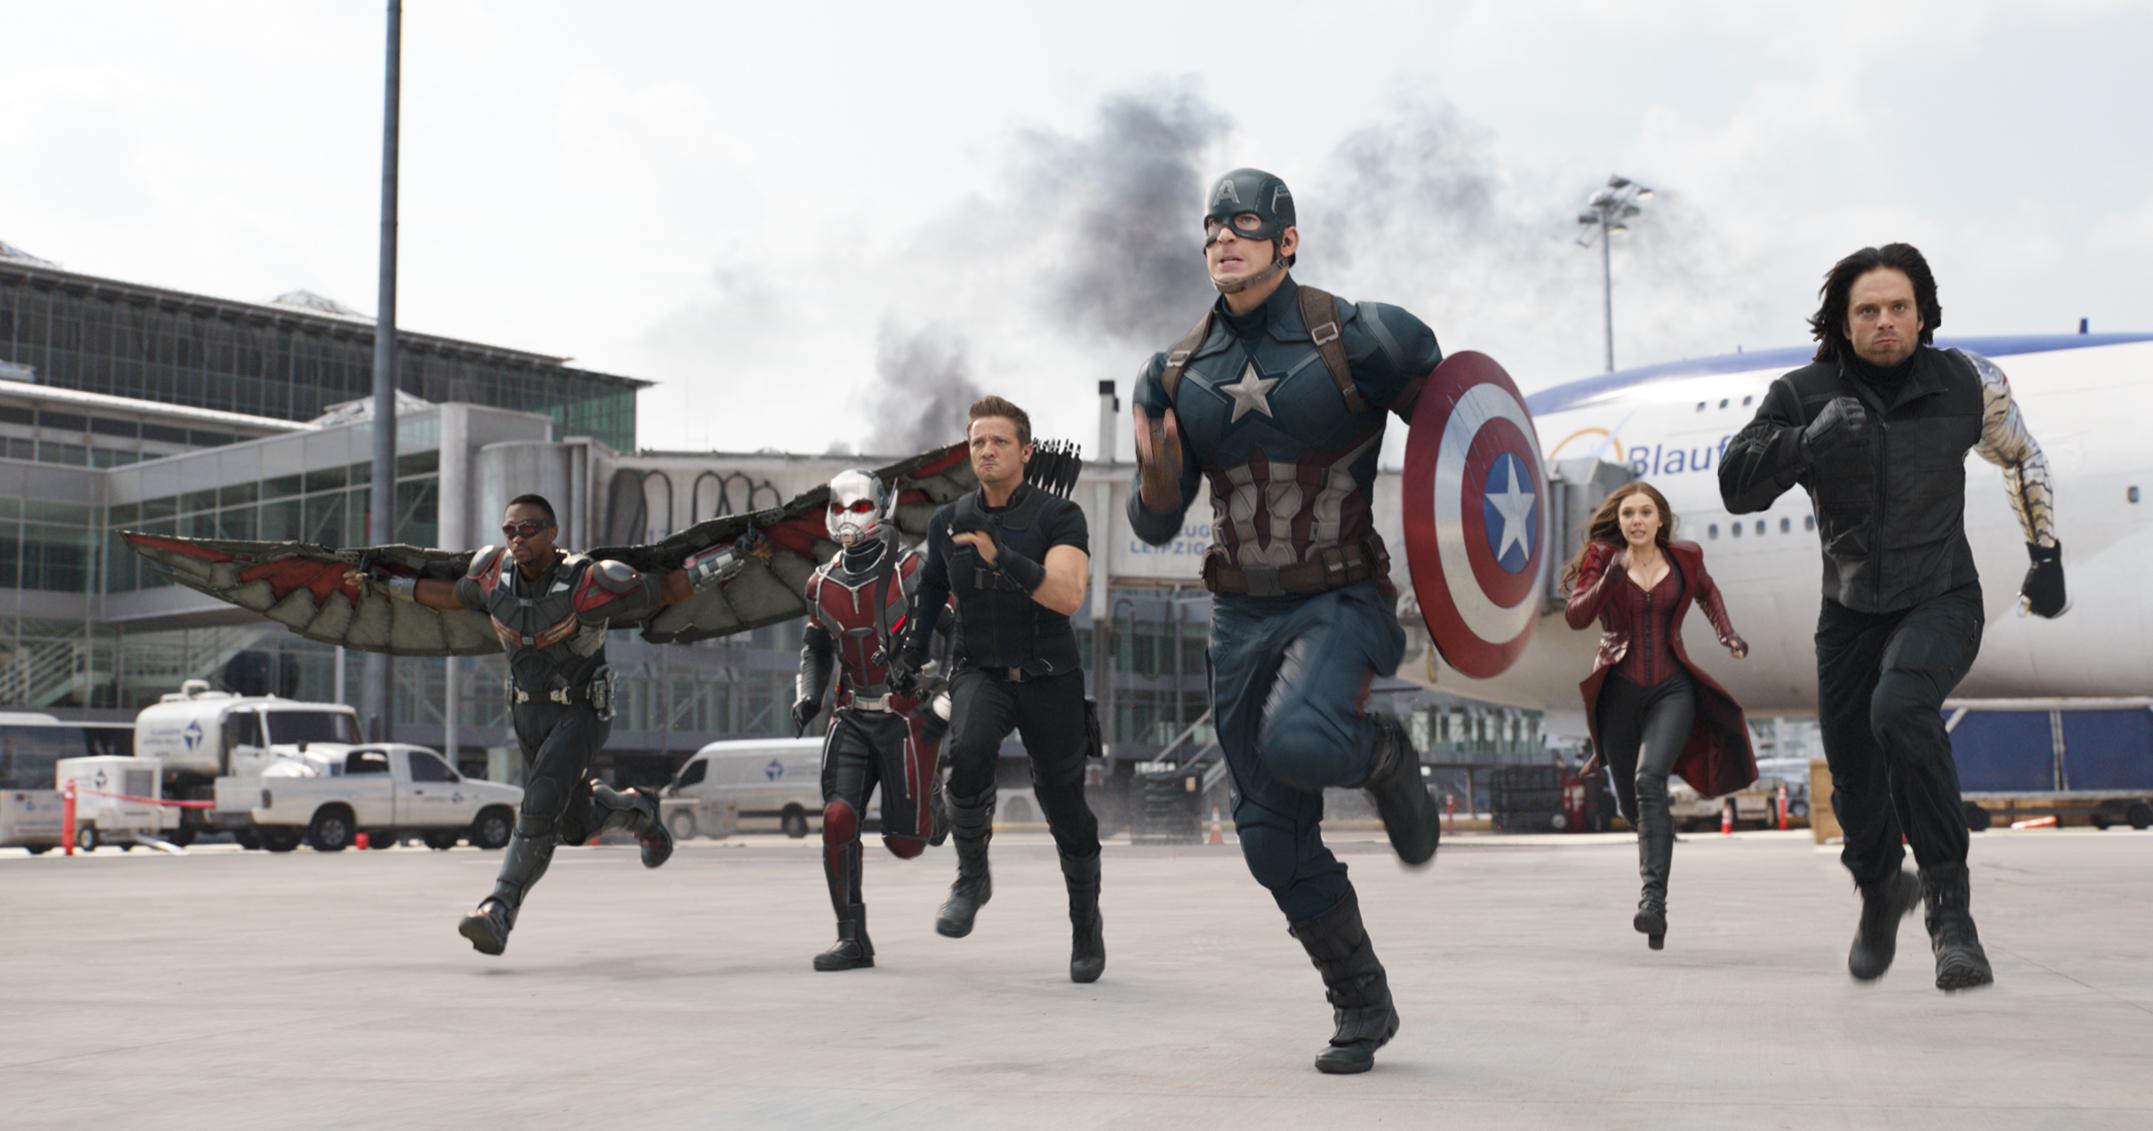 The First Avenger Civil War Clip